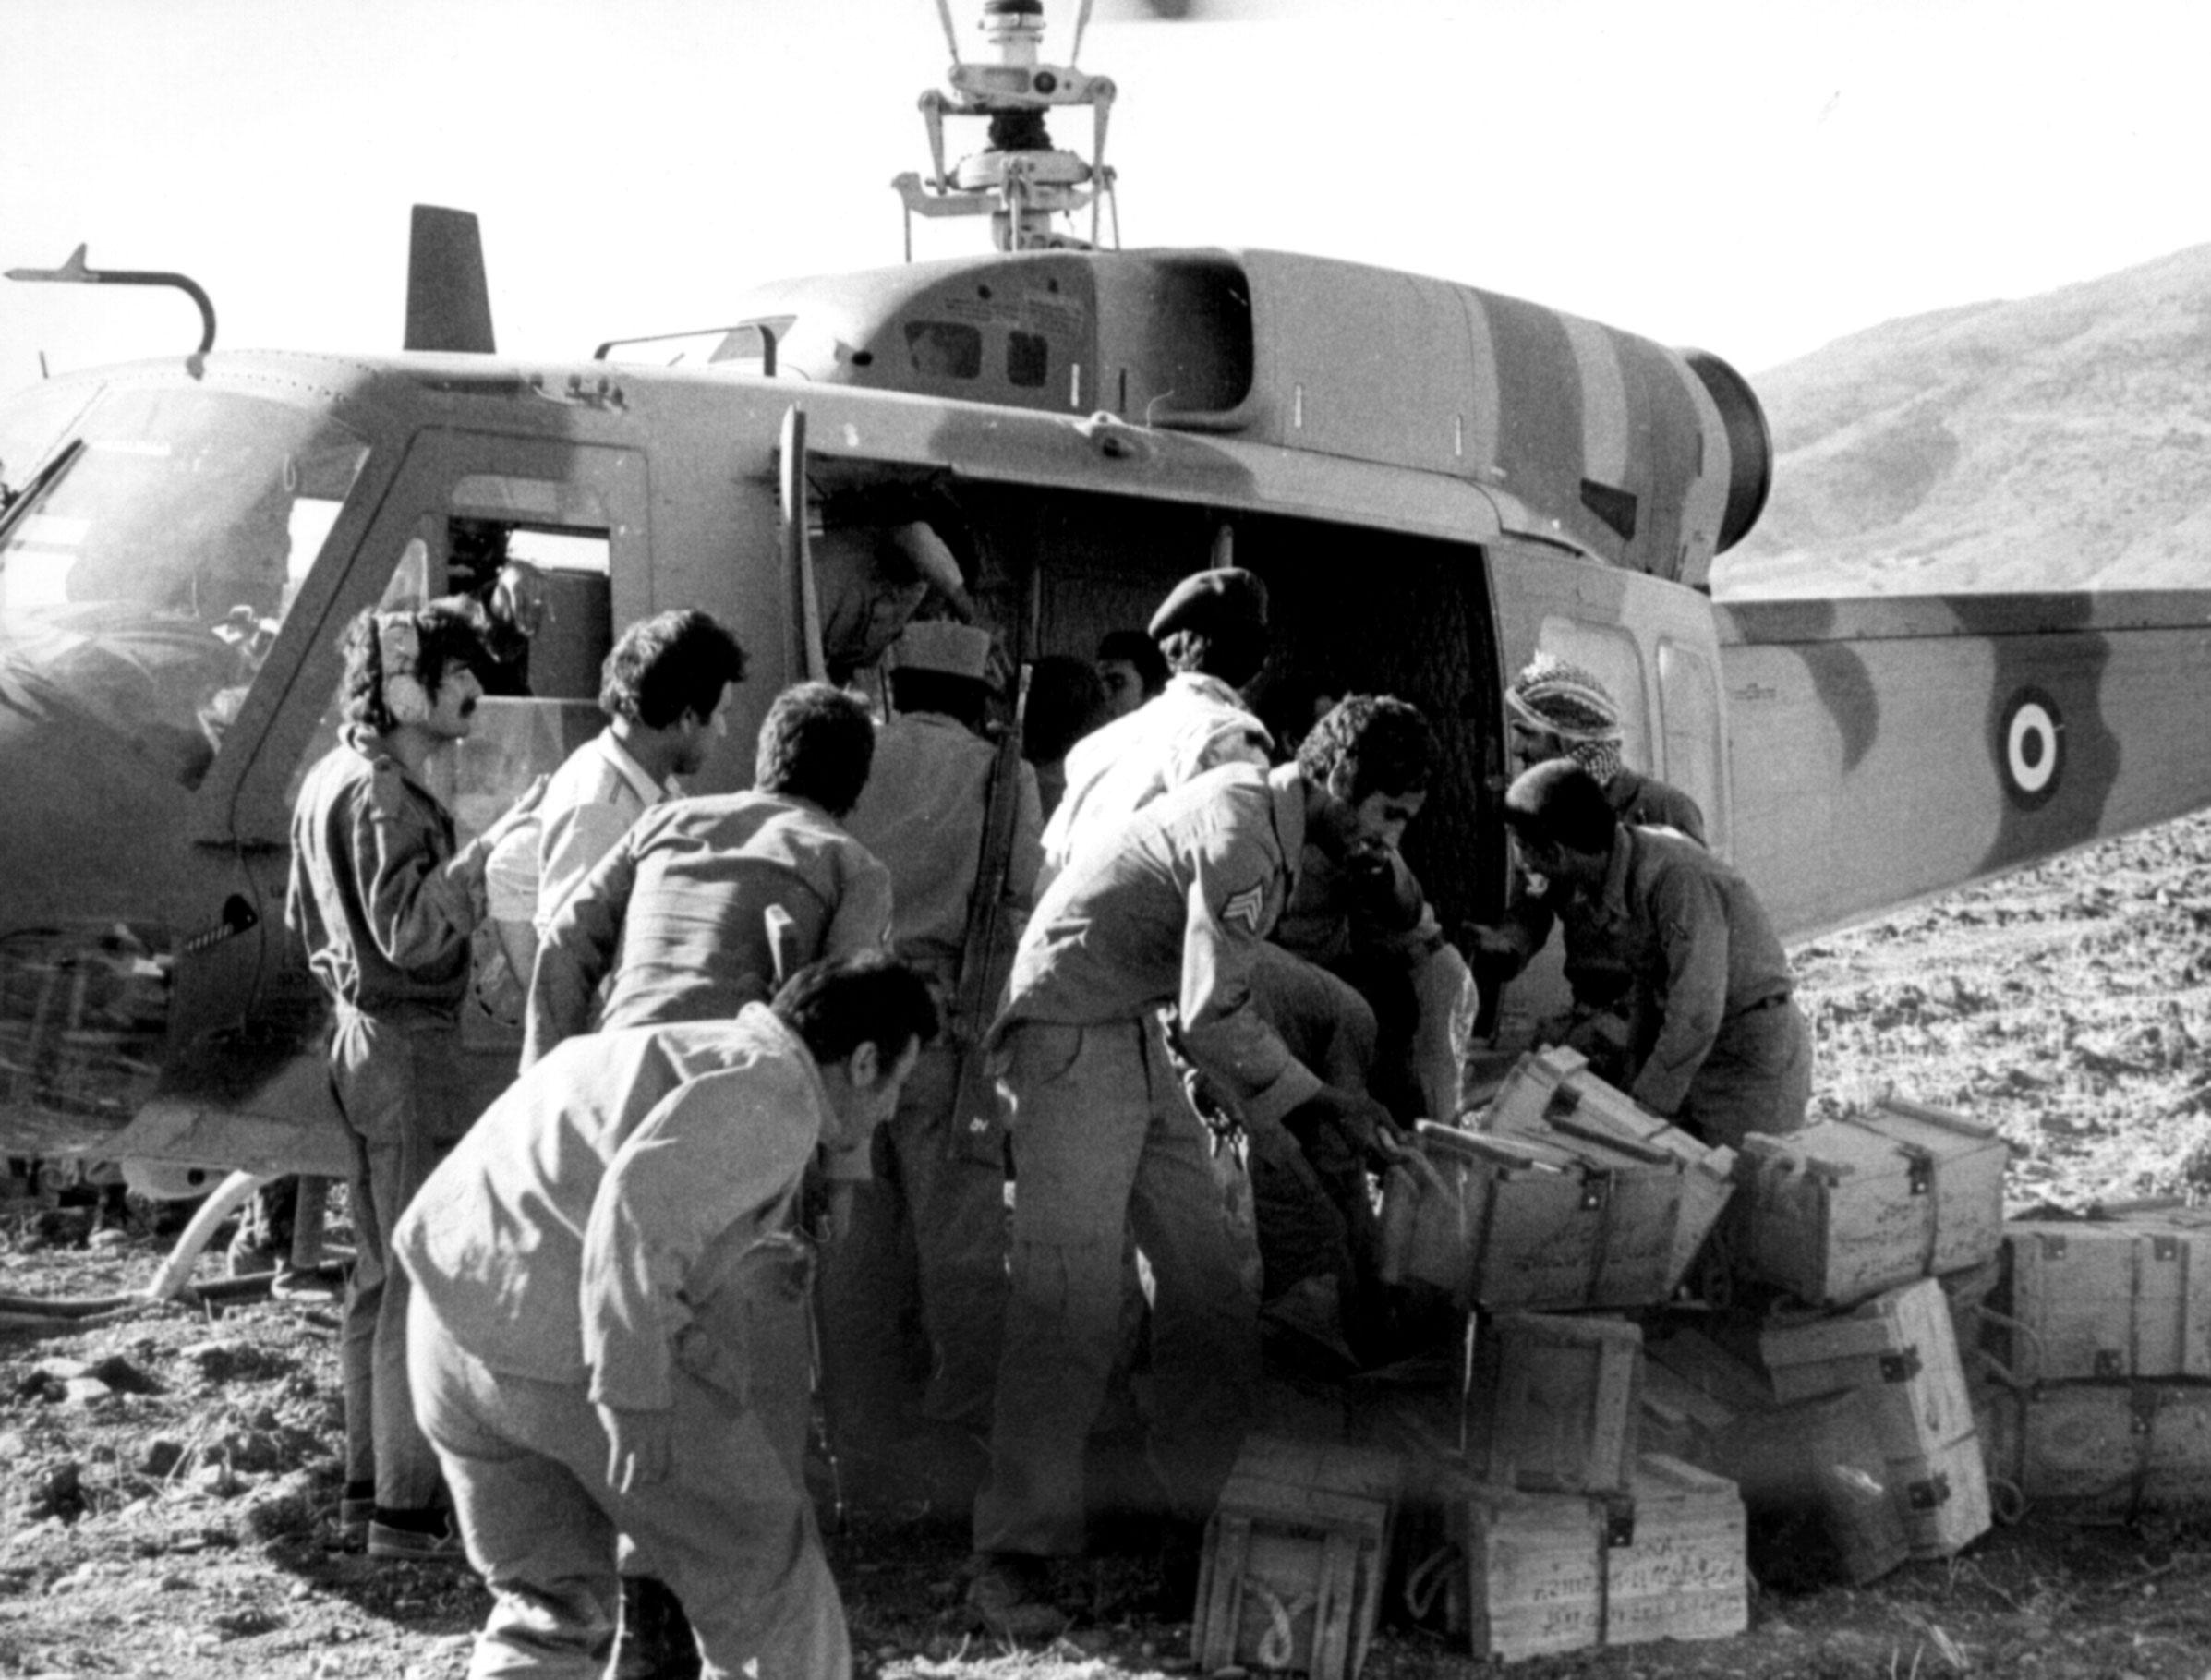 کارنامه درخشان هوانیروز ارتش در دفاع مقدس با ۵۰۰ هزار ساعت پرواز